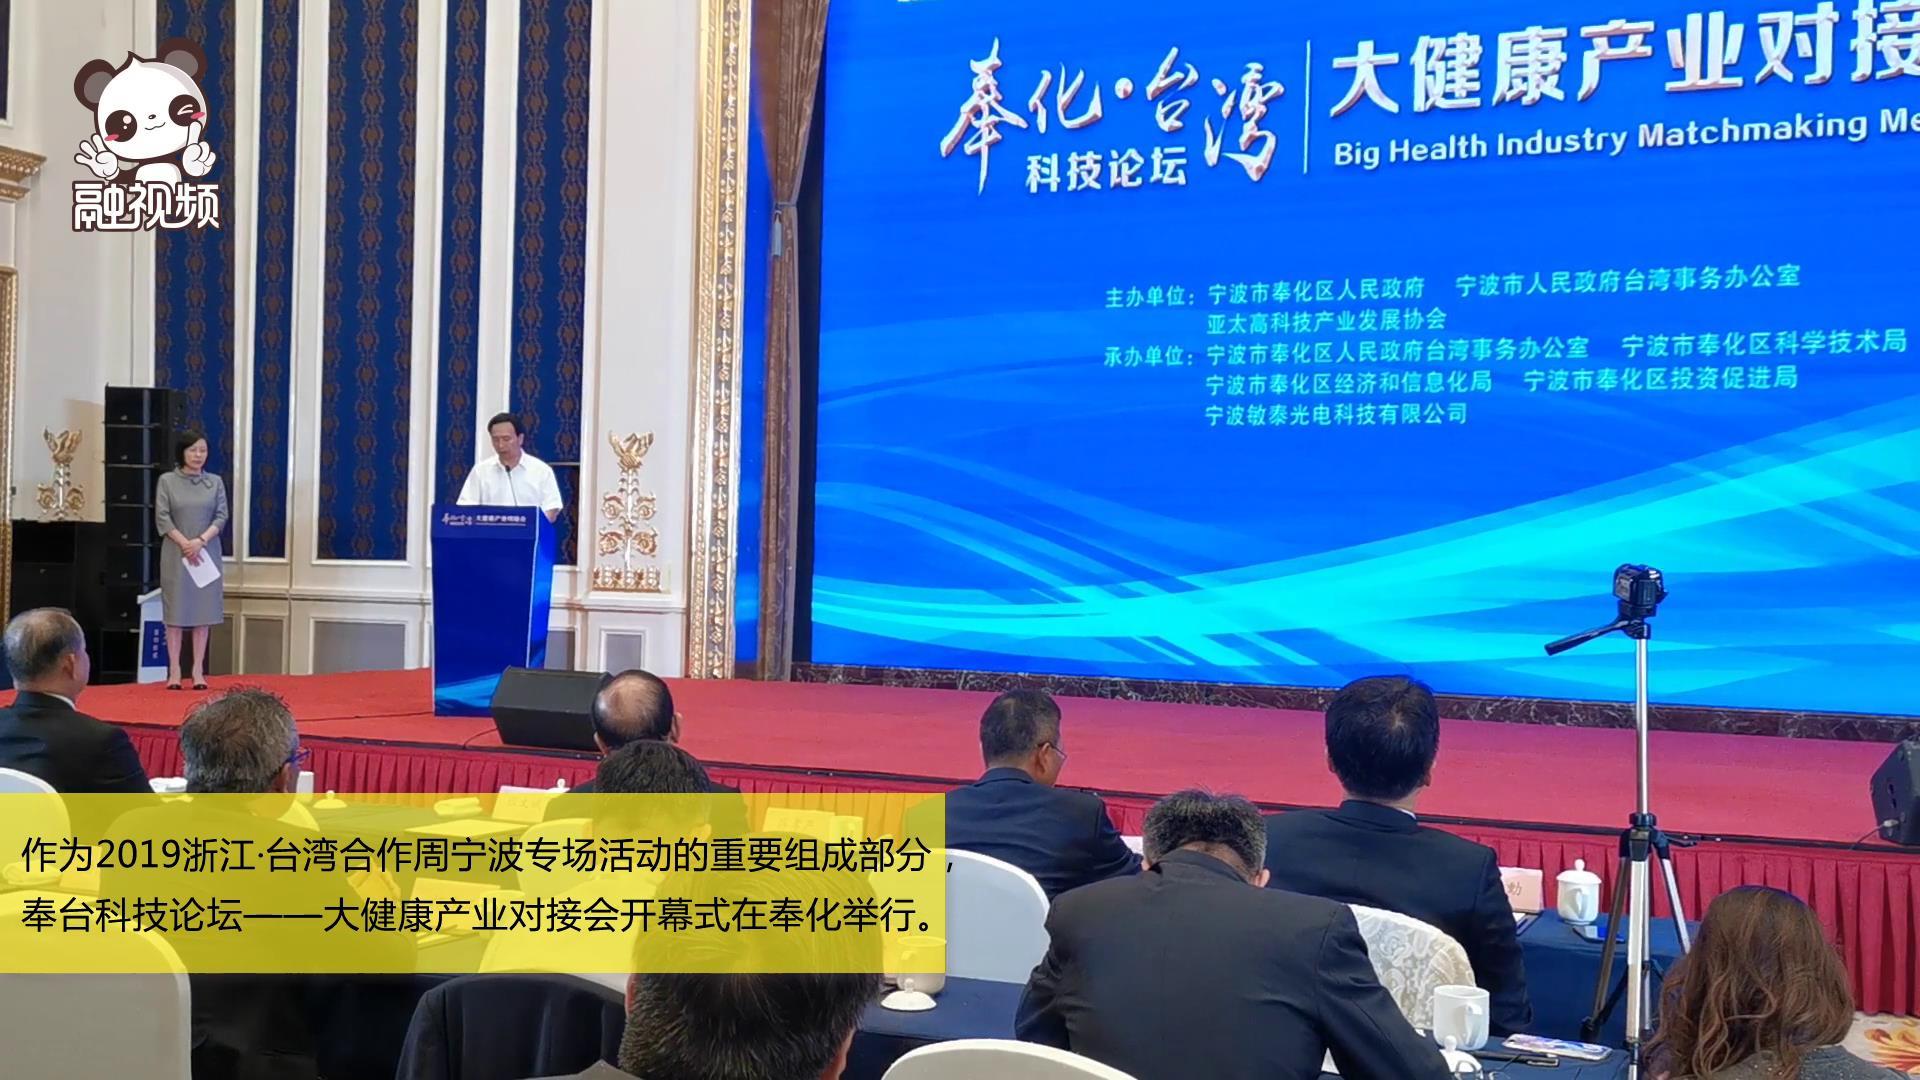 宁波奉化将建设大健康产业基地,占地200亩总投资15亿图片